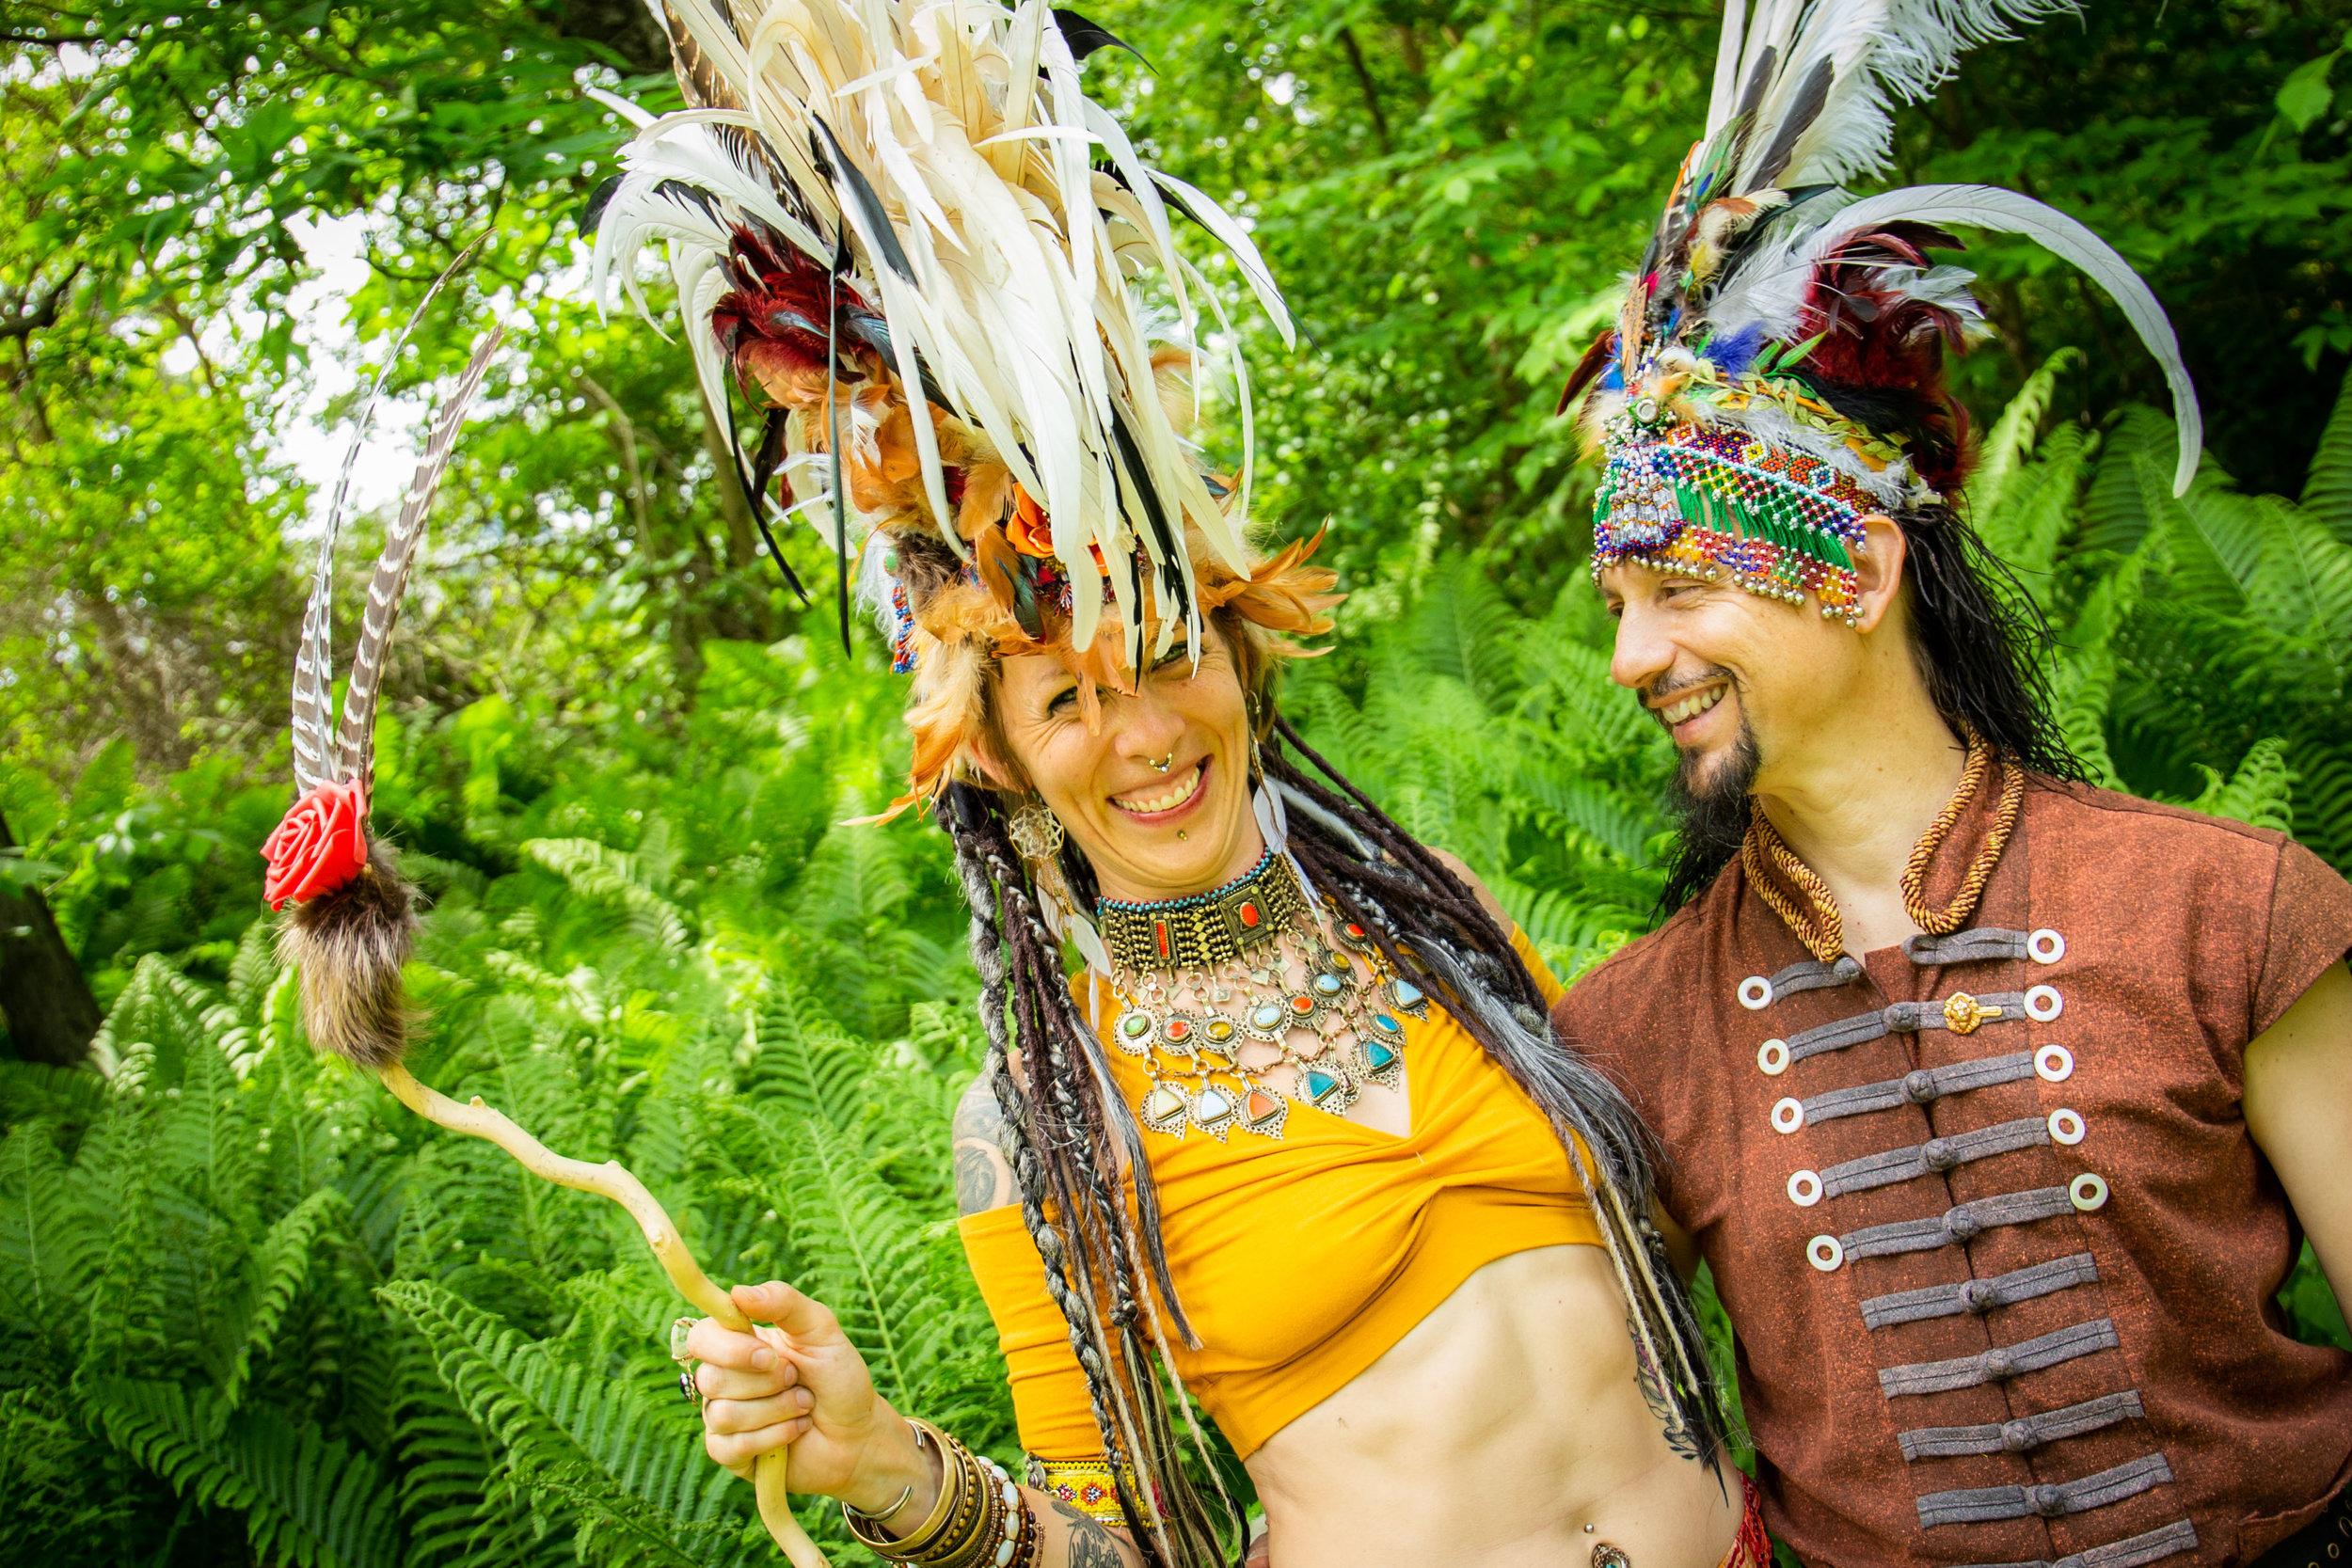 creativeportraits-engagementphotos-southernwiphotographer-katydaixonphotography-6.jpg